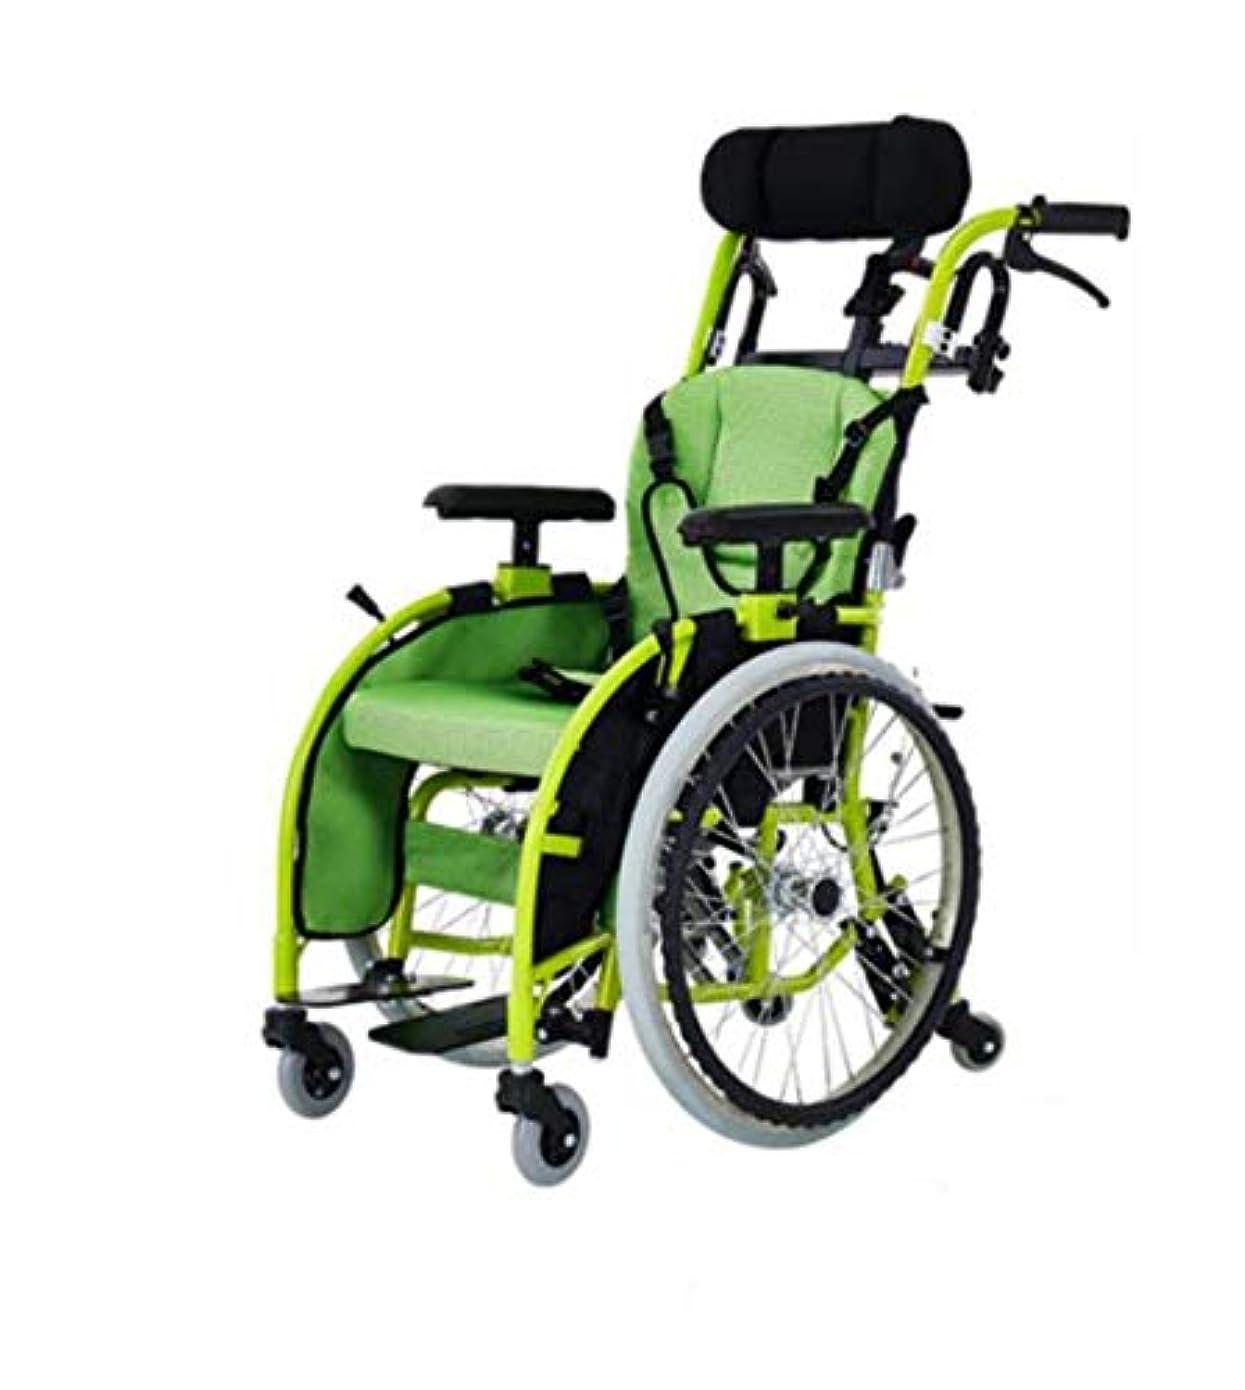 庭園雄大な神秘子供用車椅子折りたたみライト小さなポータブルハンディキャップトロリー子供アルミ合金手動車椅子